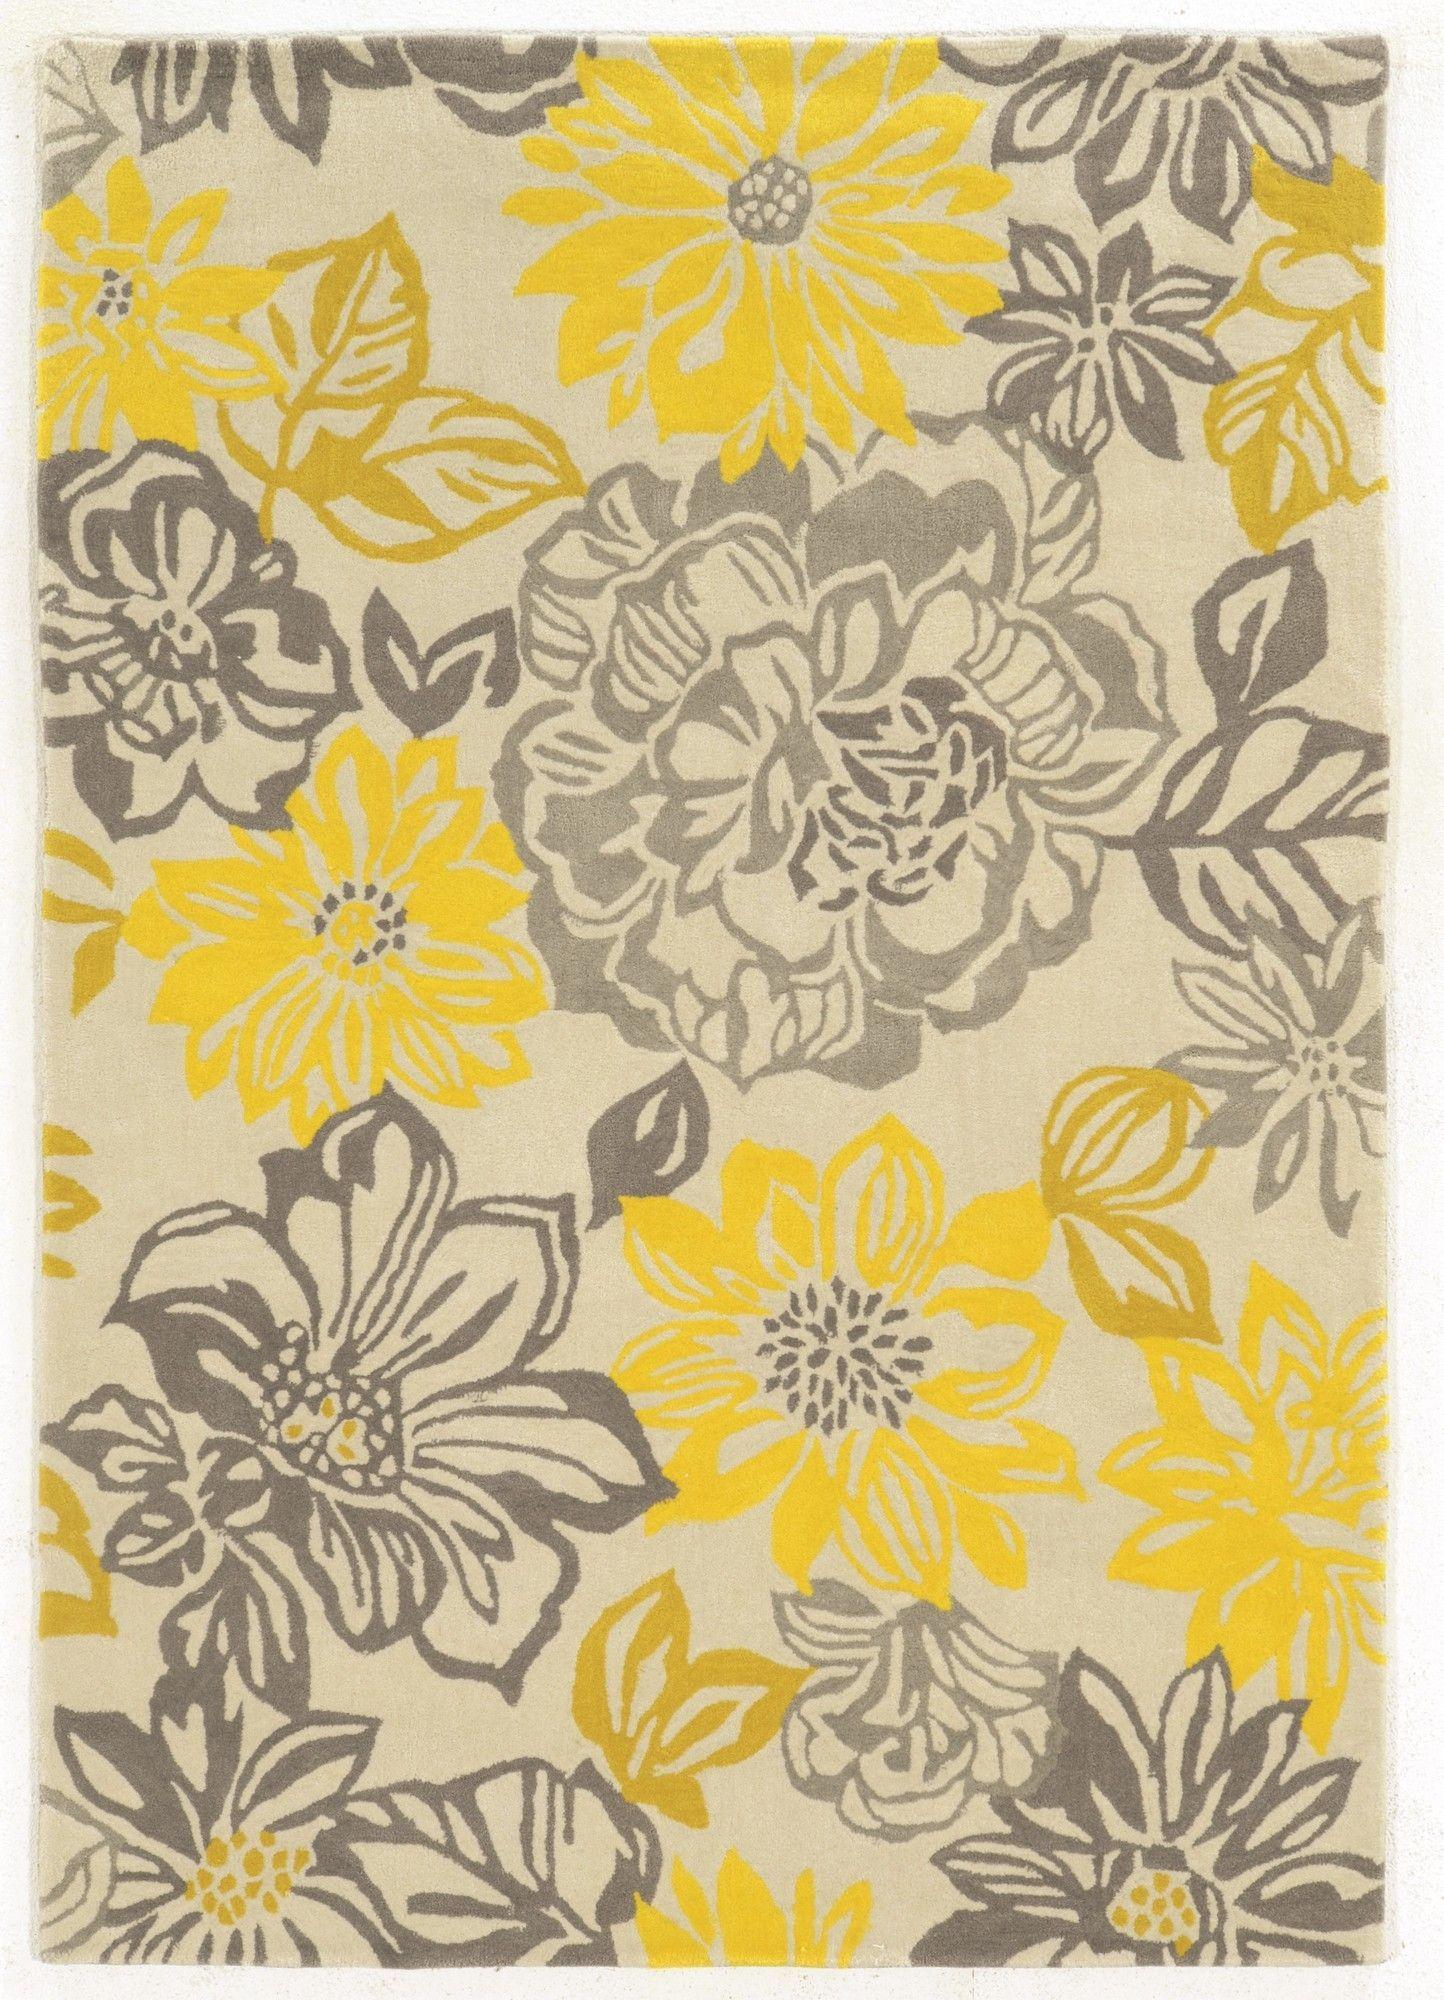 elkubra handwoven grey  yellow area rug. elkubra handwoven grey  yellow area rug  yellow and grey